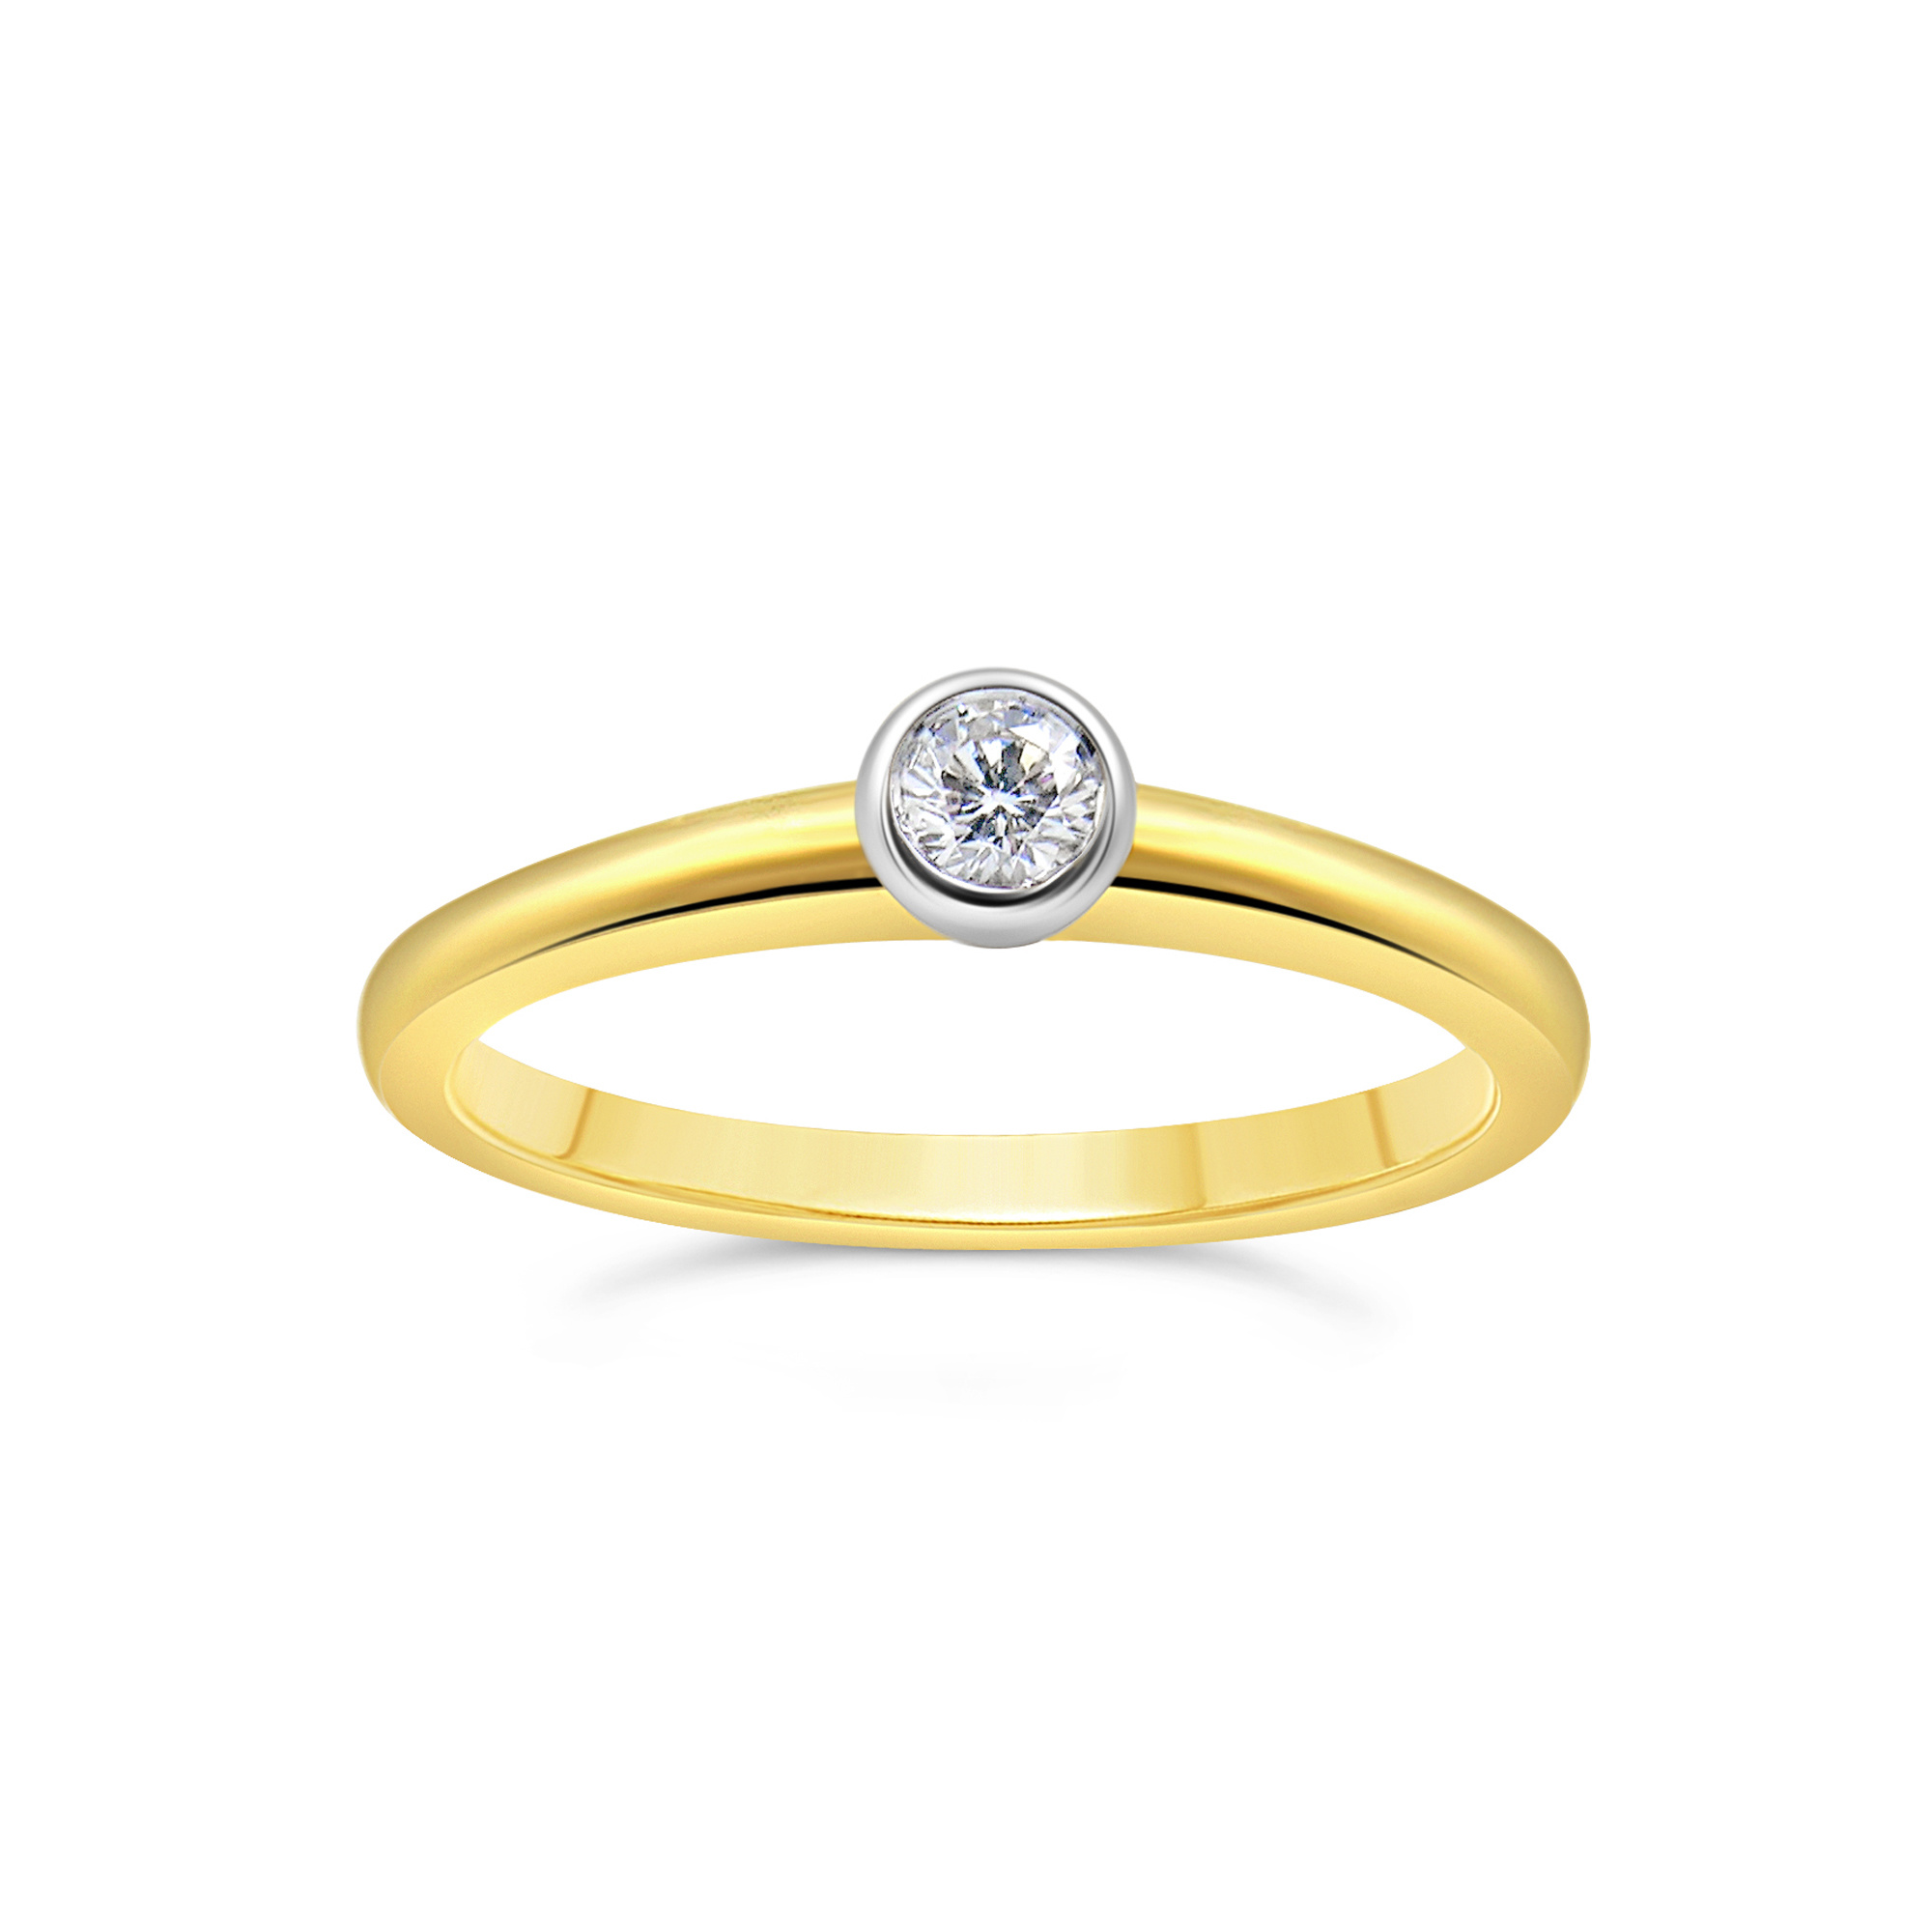 18kt geel en wit goud verlovingsring met 0.20 ct diamant